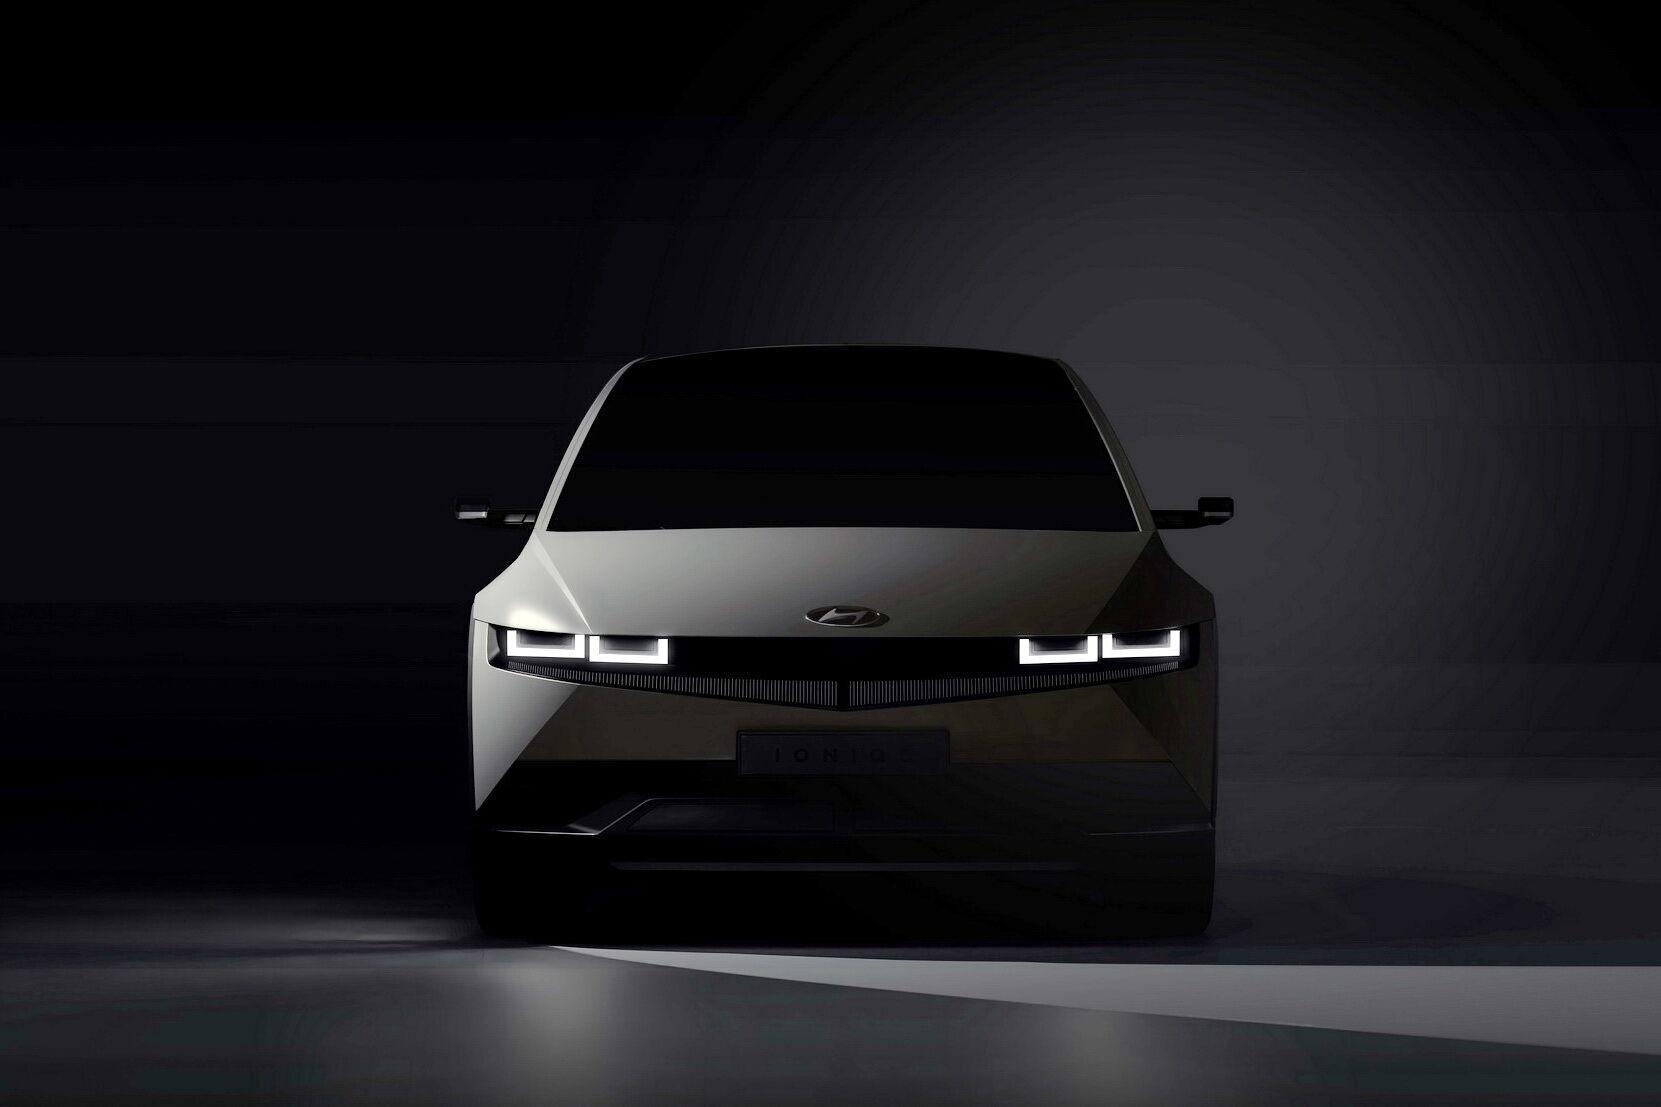 Huindai готовится к мировой презентации нового электромобиля, который увидет свет под суббрендом Ioniq